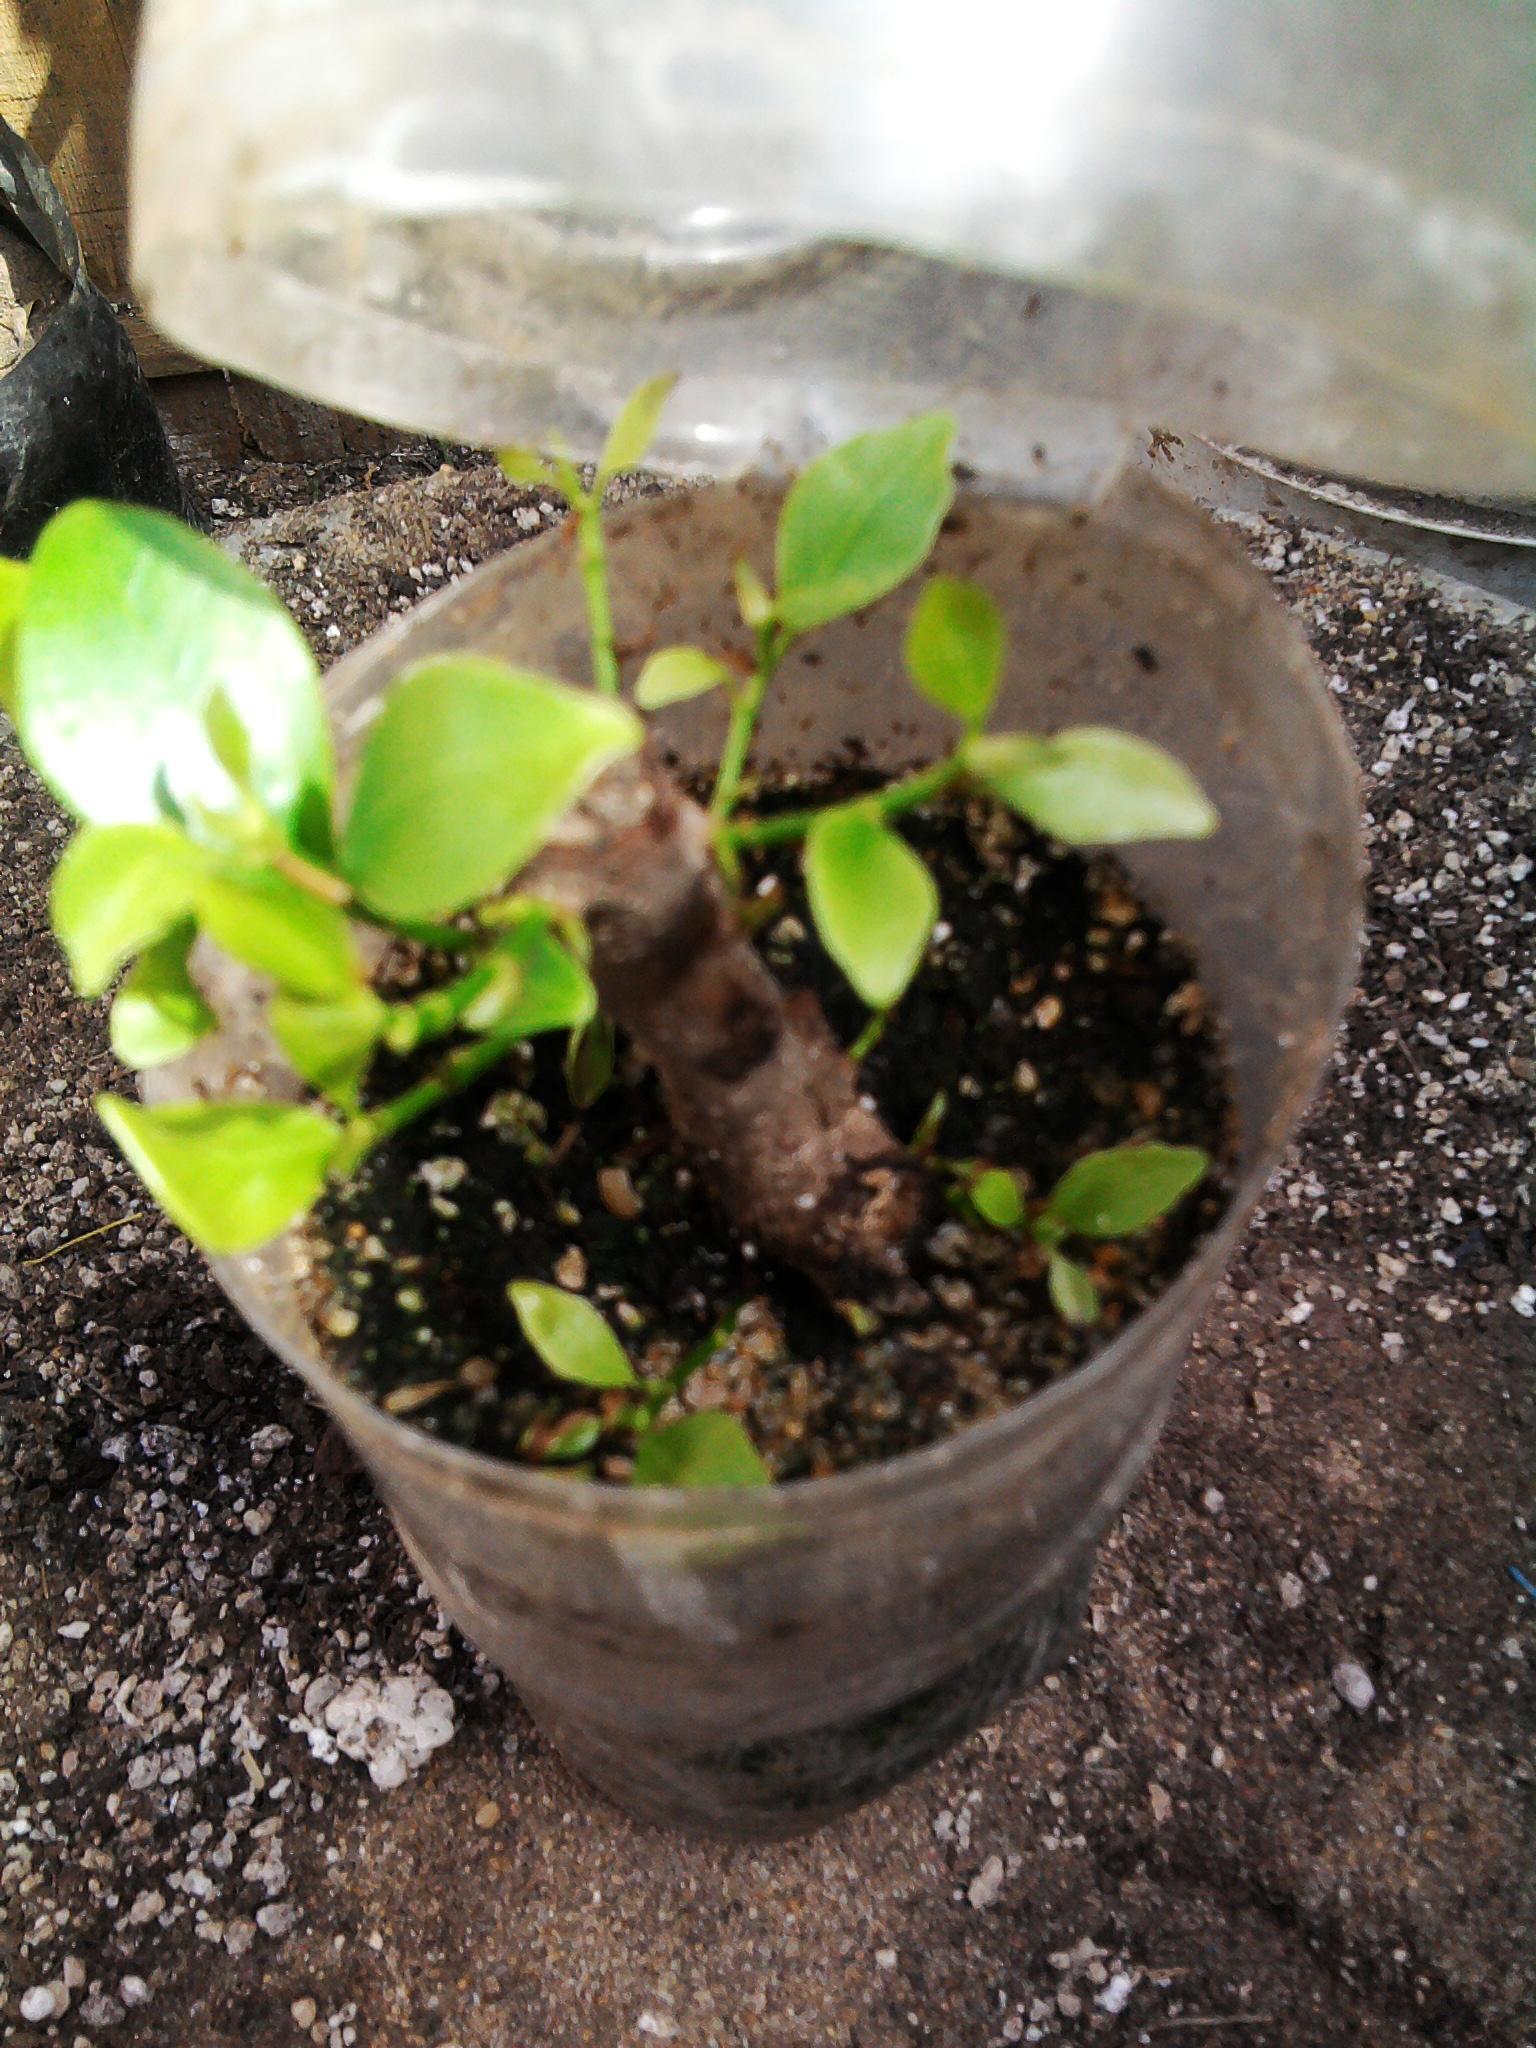 زراعة التوت والجهنمية والفيكس نيتدا 915161679.jpg